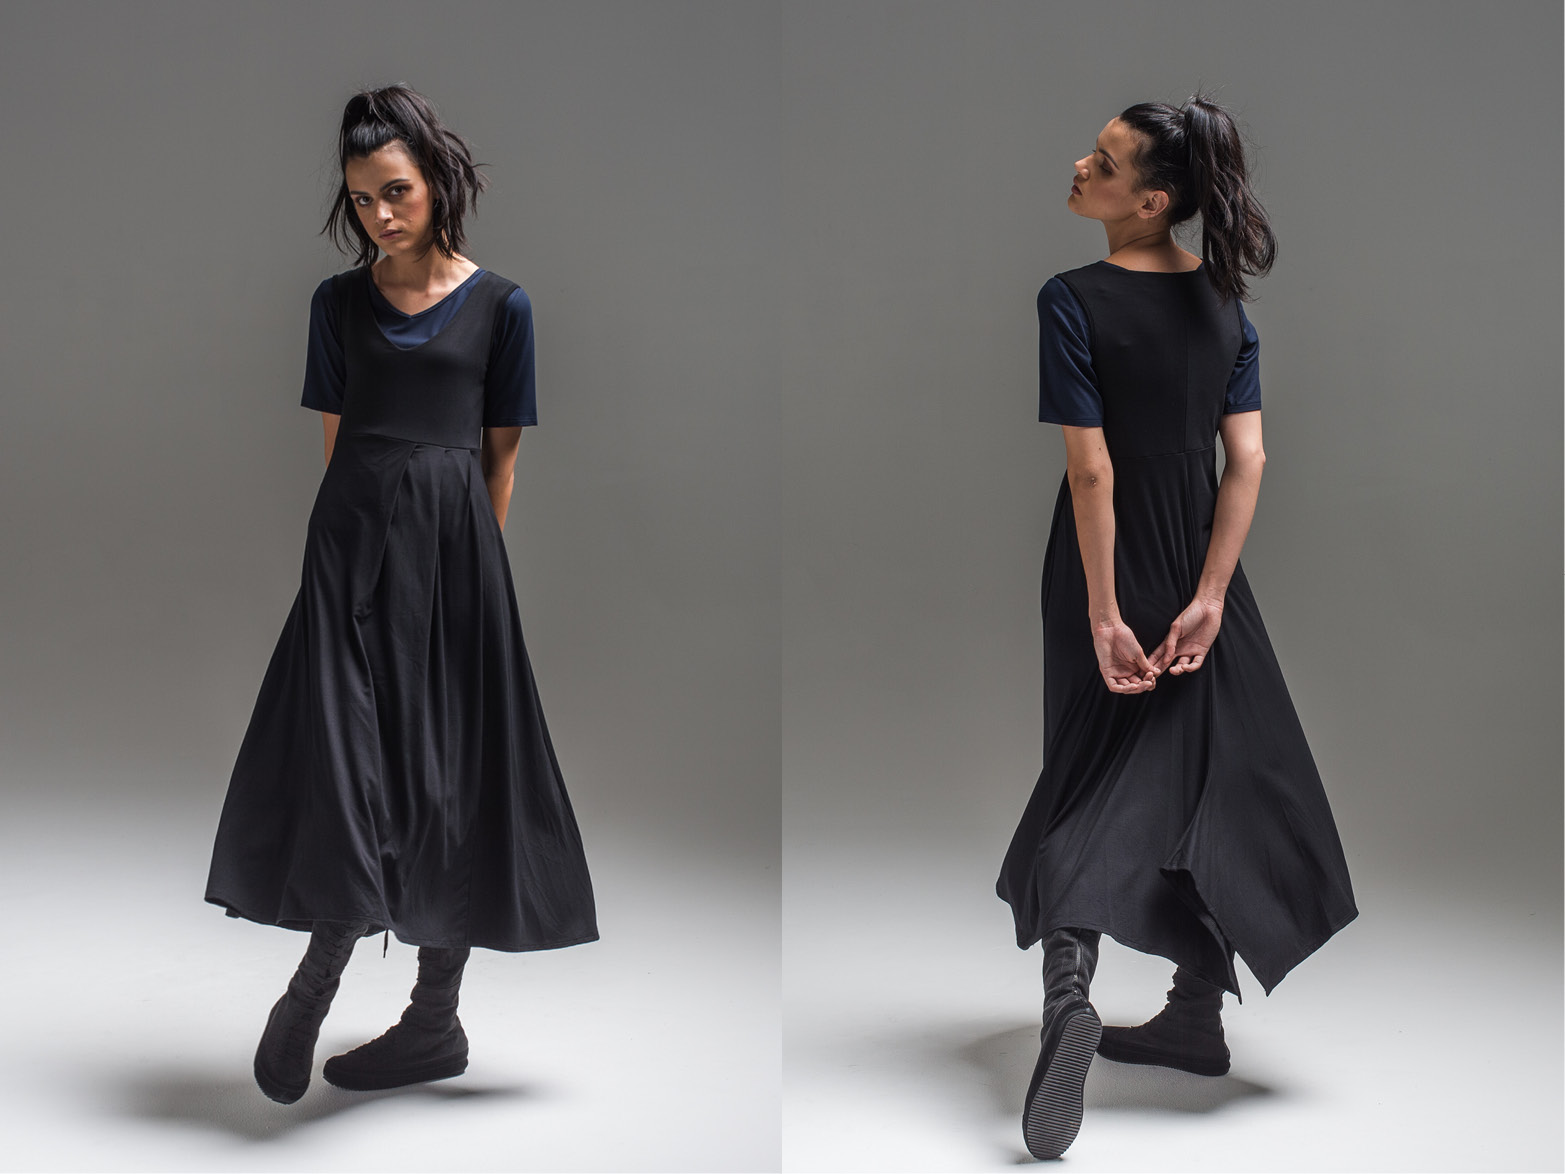 L+R: Viola top + Lark dress